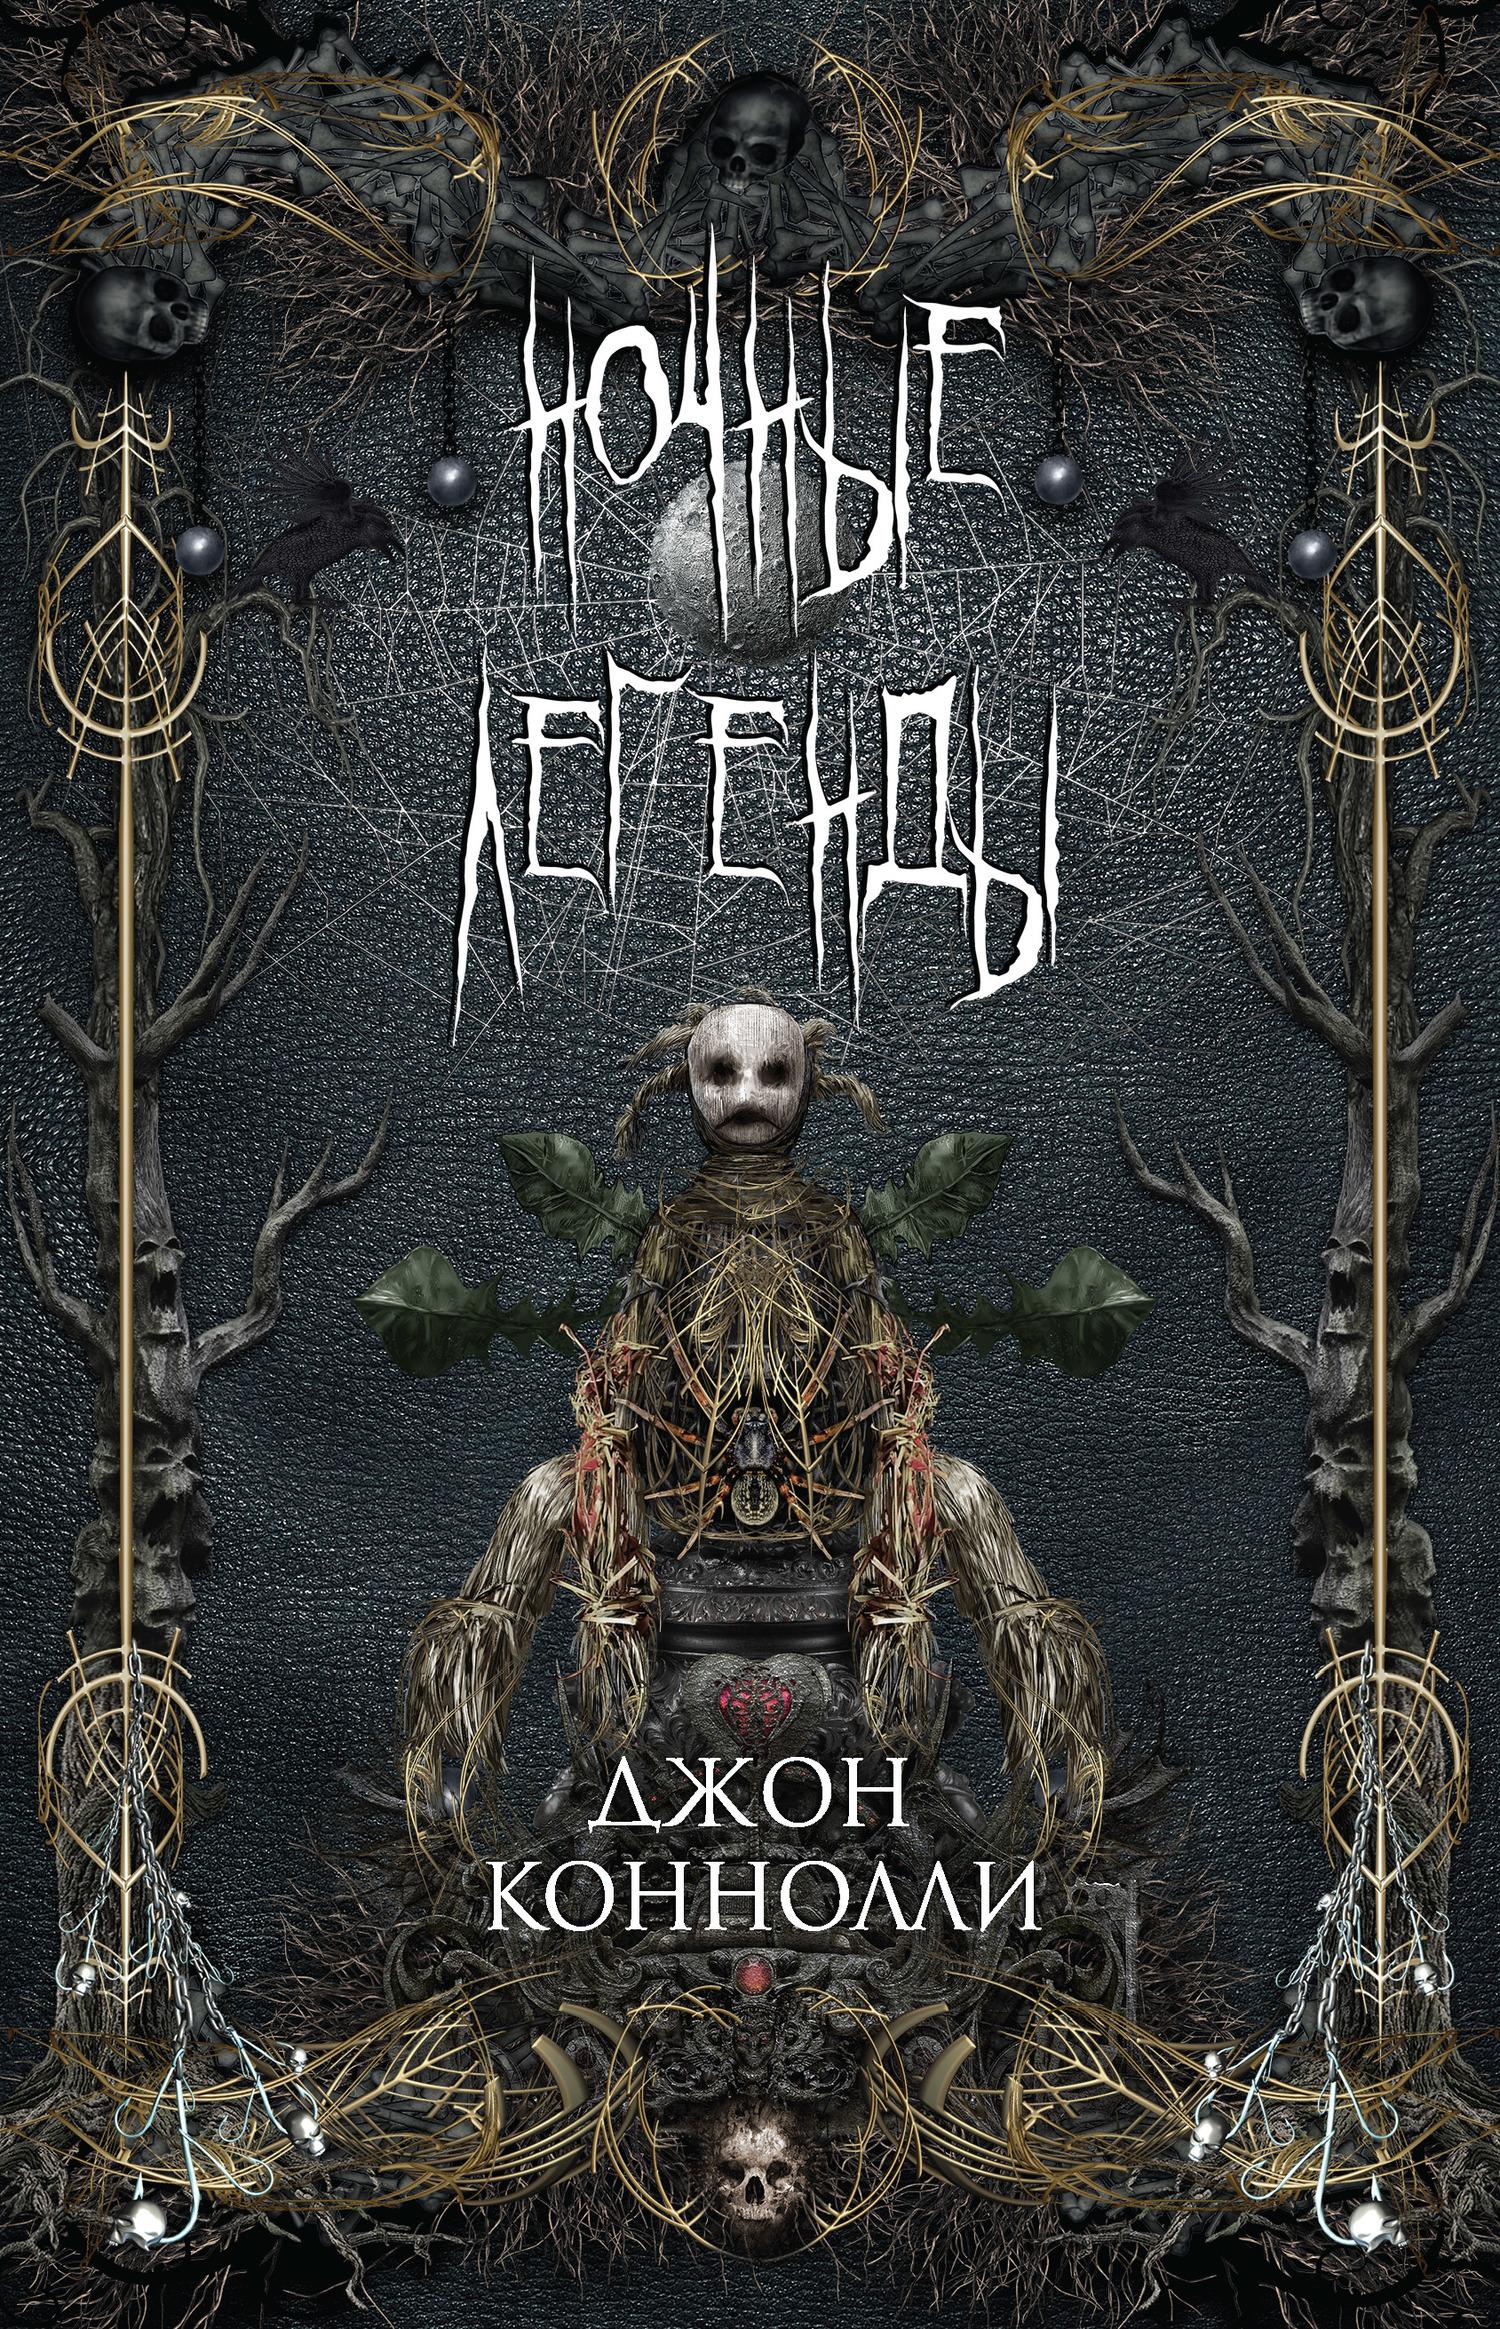 Книга Ночные легенды (сборник)